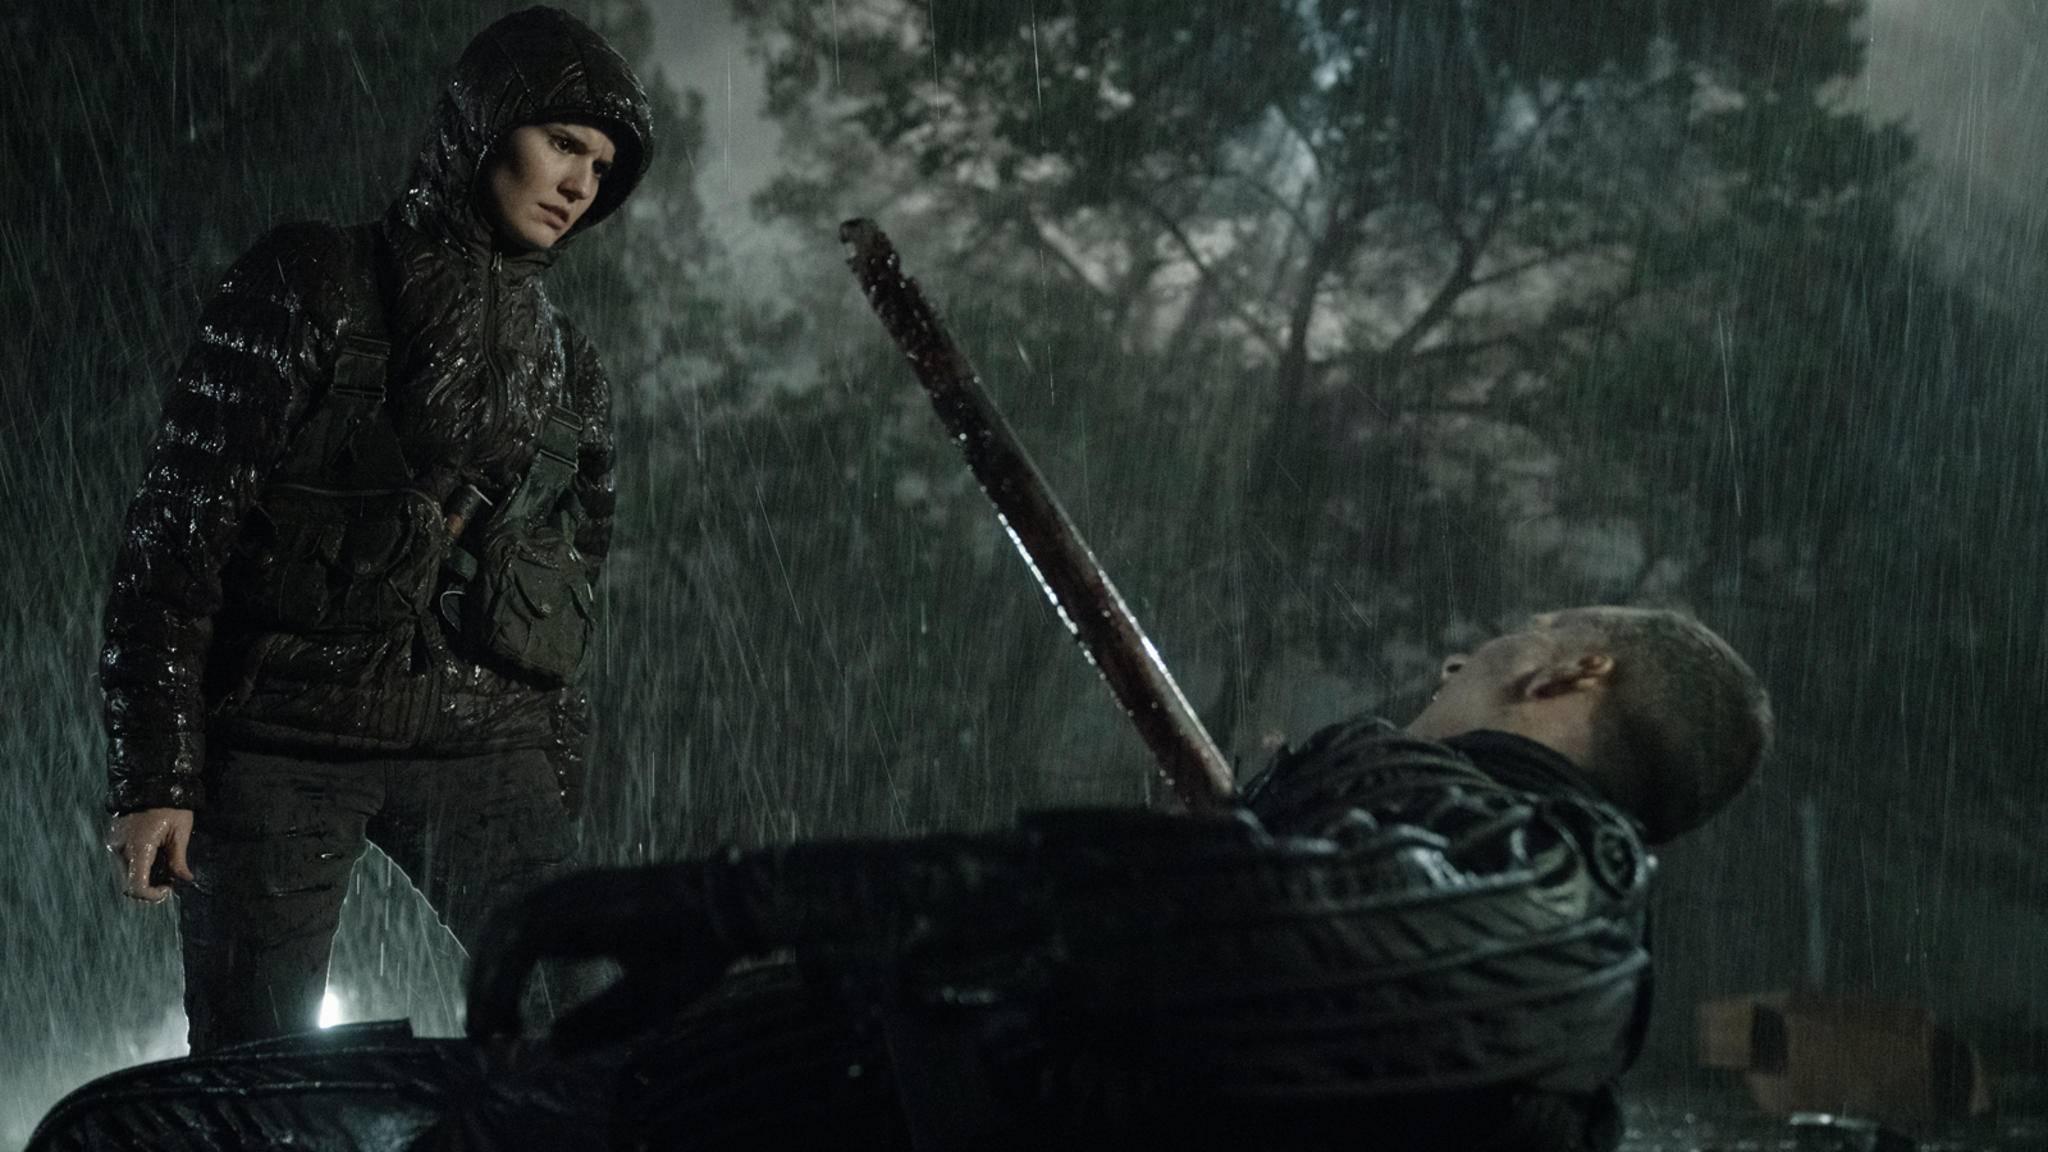 """Welches Geheimnis hat der seltsame Soldat in Staffel 5 von """"Fear the Walking Dead"""" gehütet?"""